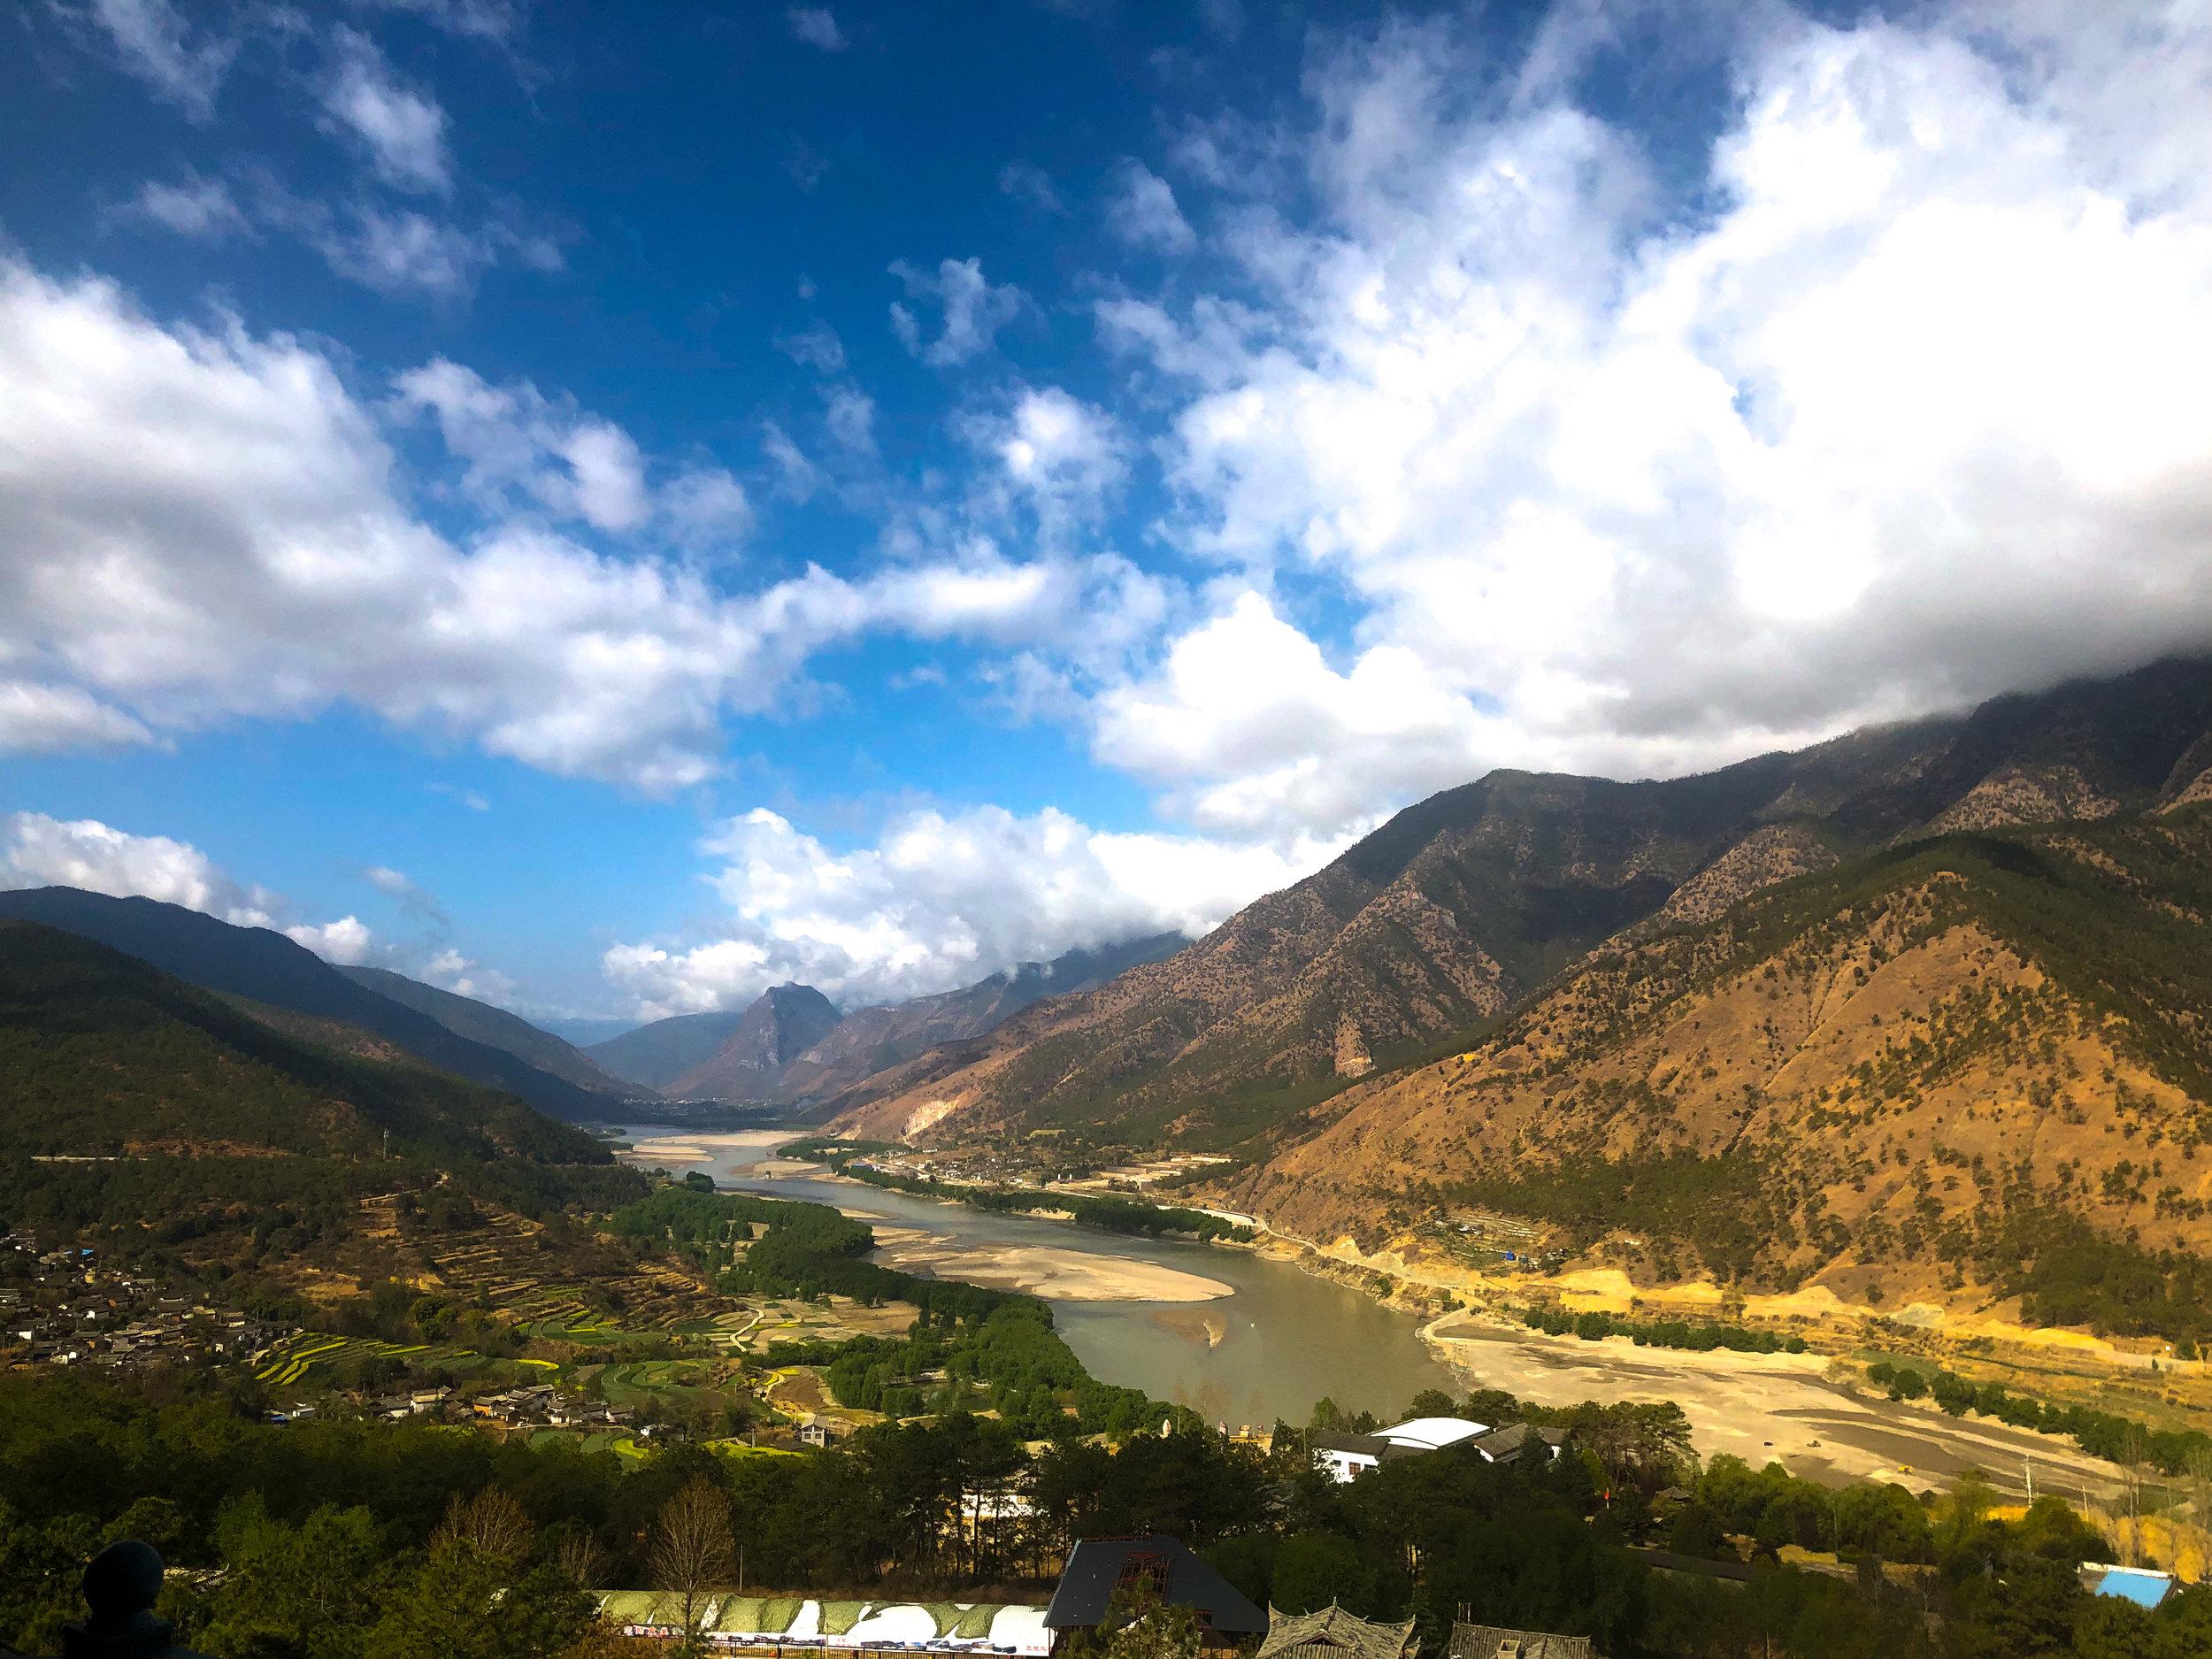 The San Gui Shui Scenic Overlook on the way to Shangri-La, Tibet